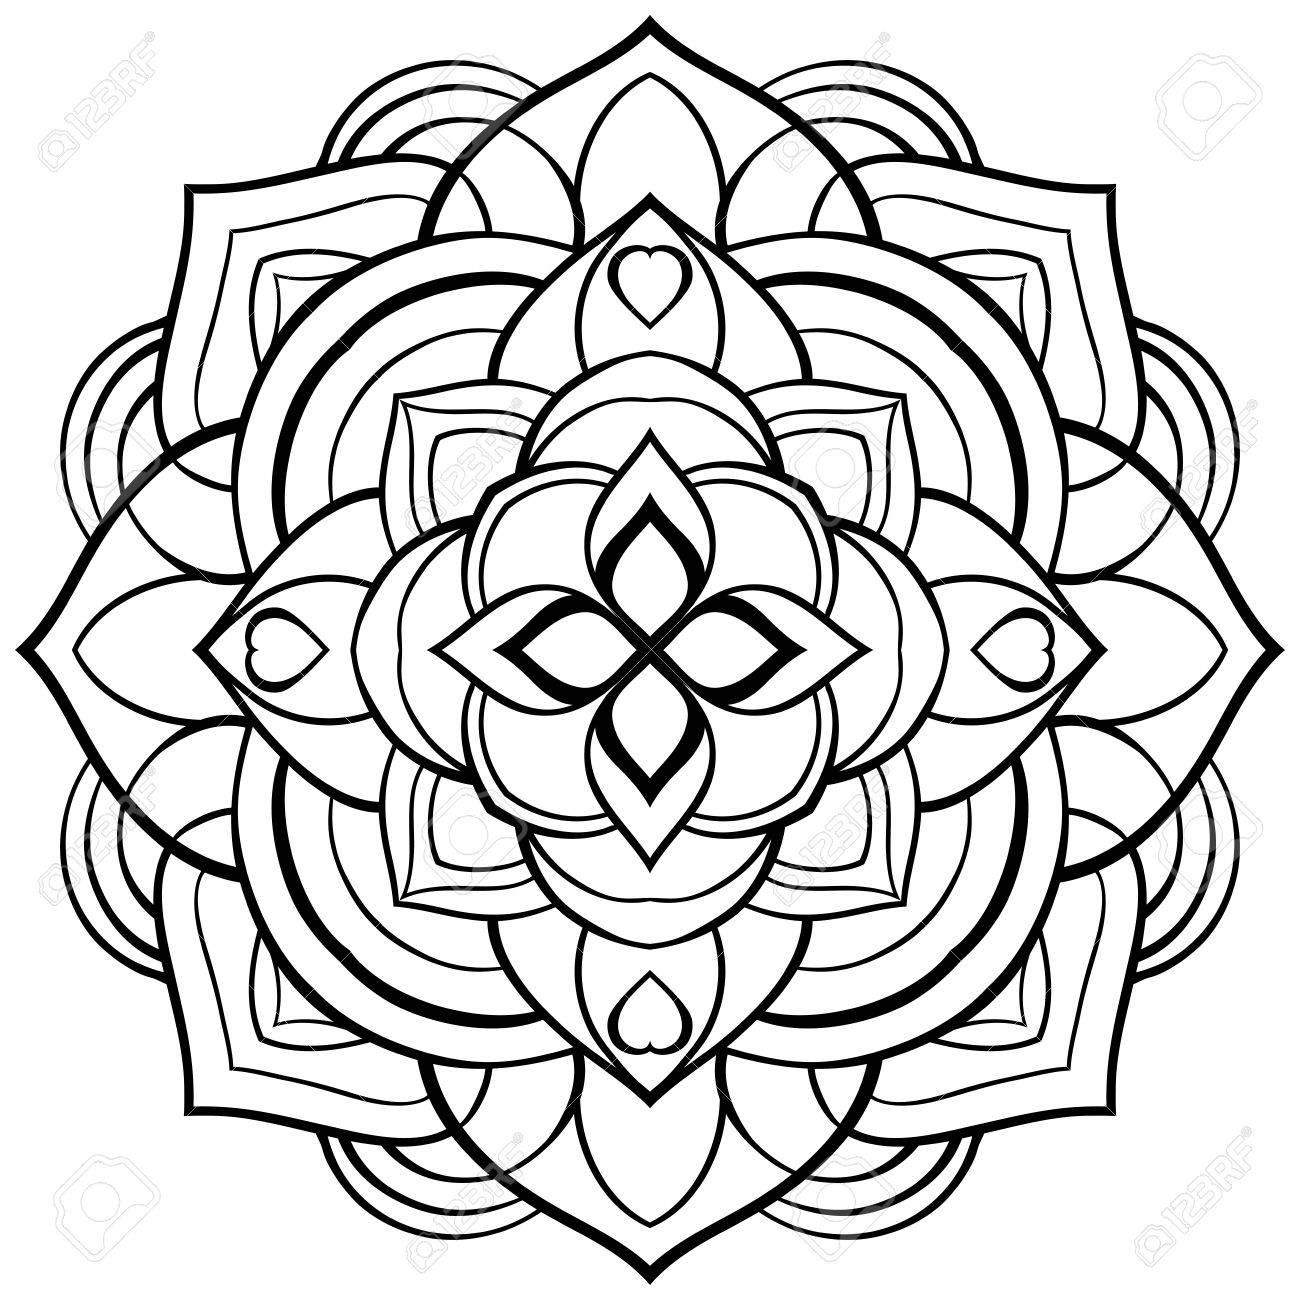 Vector Mandala For Coloring Book. Simple Circular Pattern Of ...